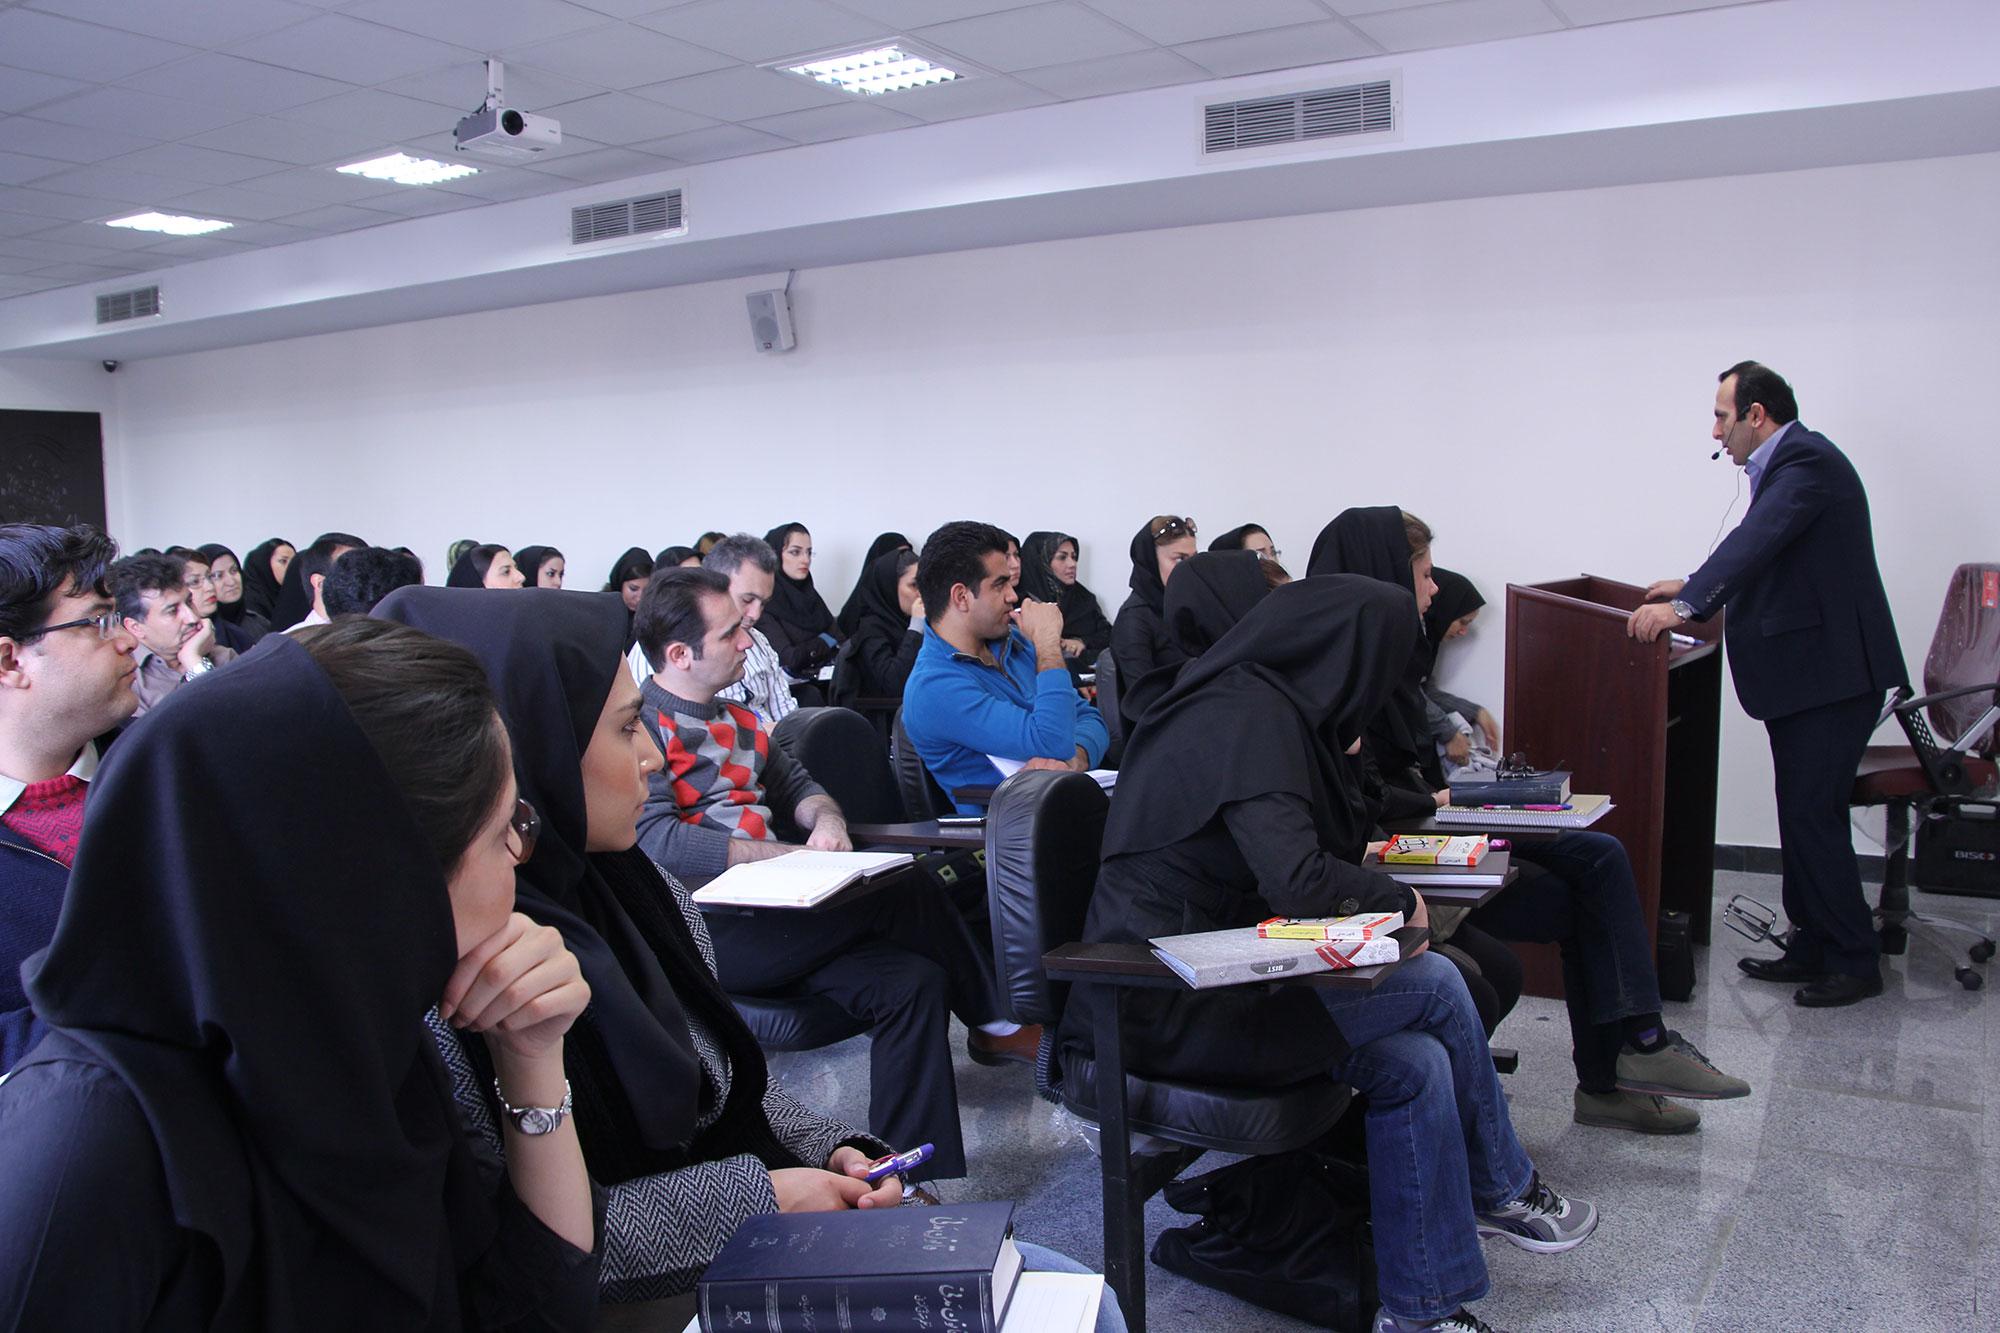 نام نویسی بیش از ۳ هزار نفر در فراخوان جذب هیات علمی دانشگاه آزاد